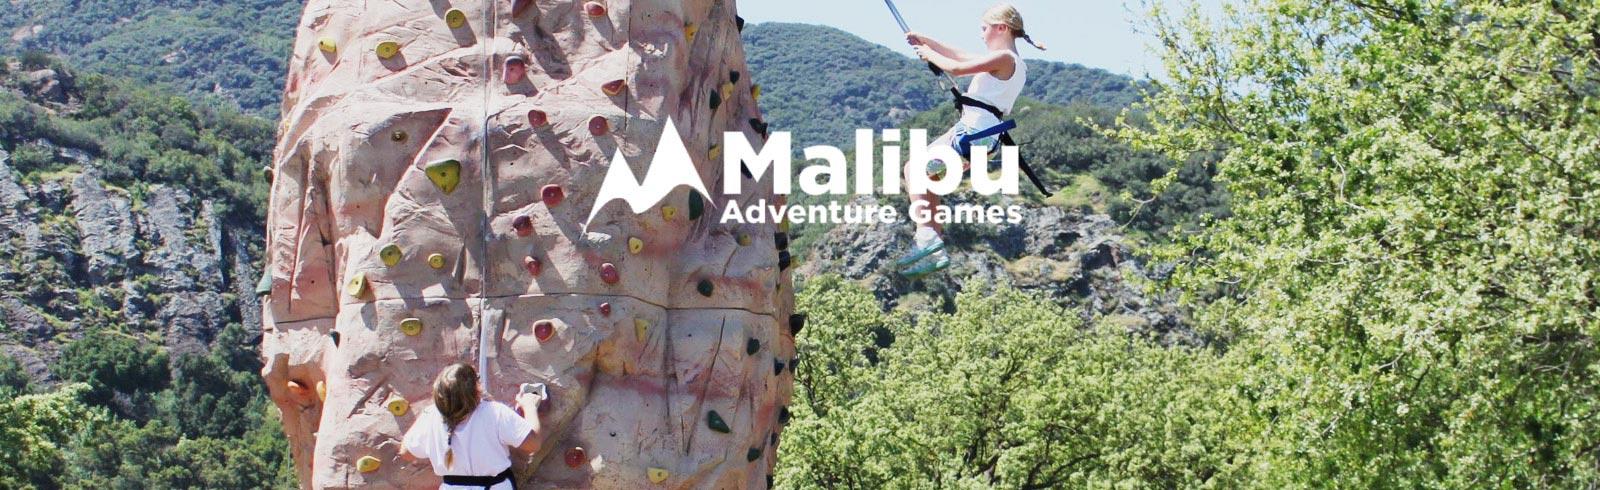 malibu-event-slide